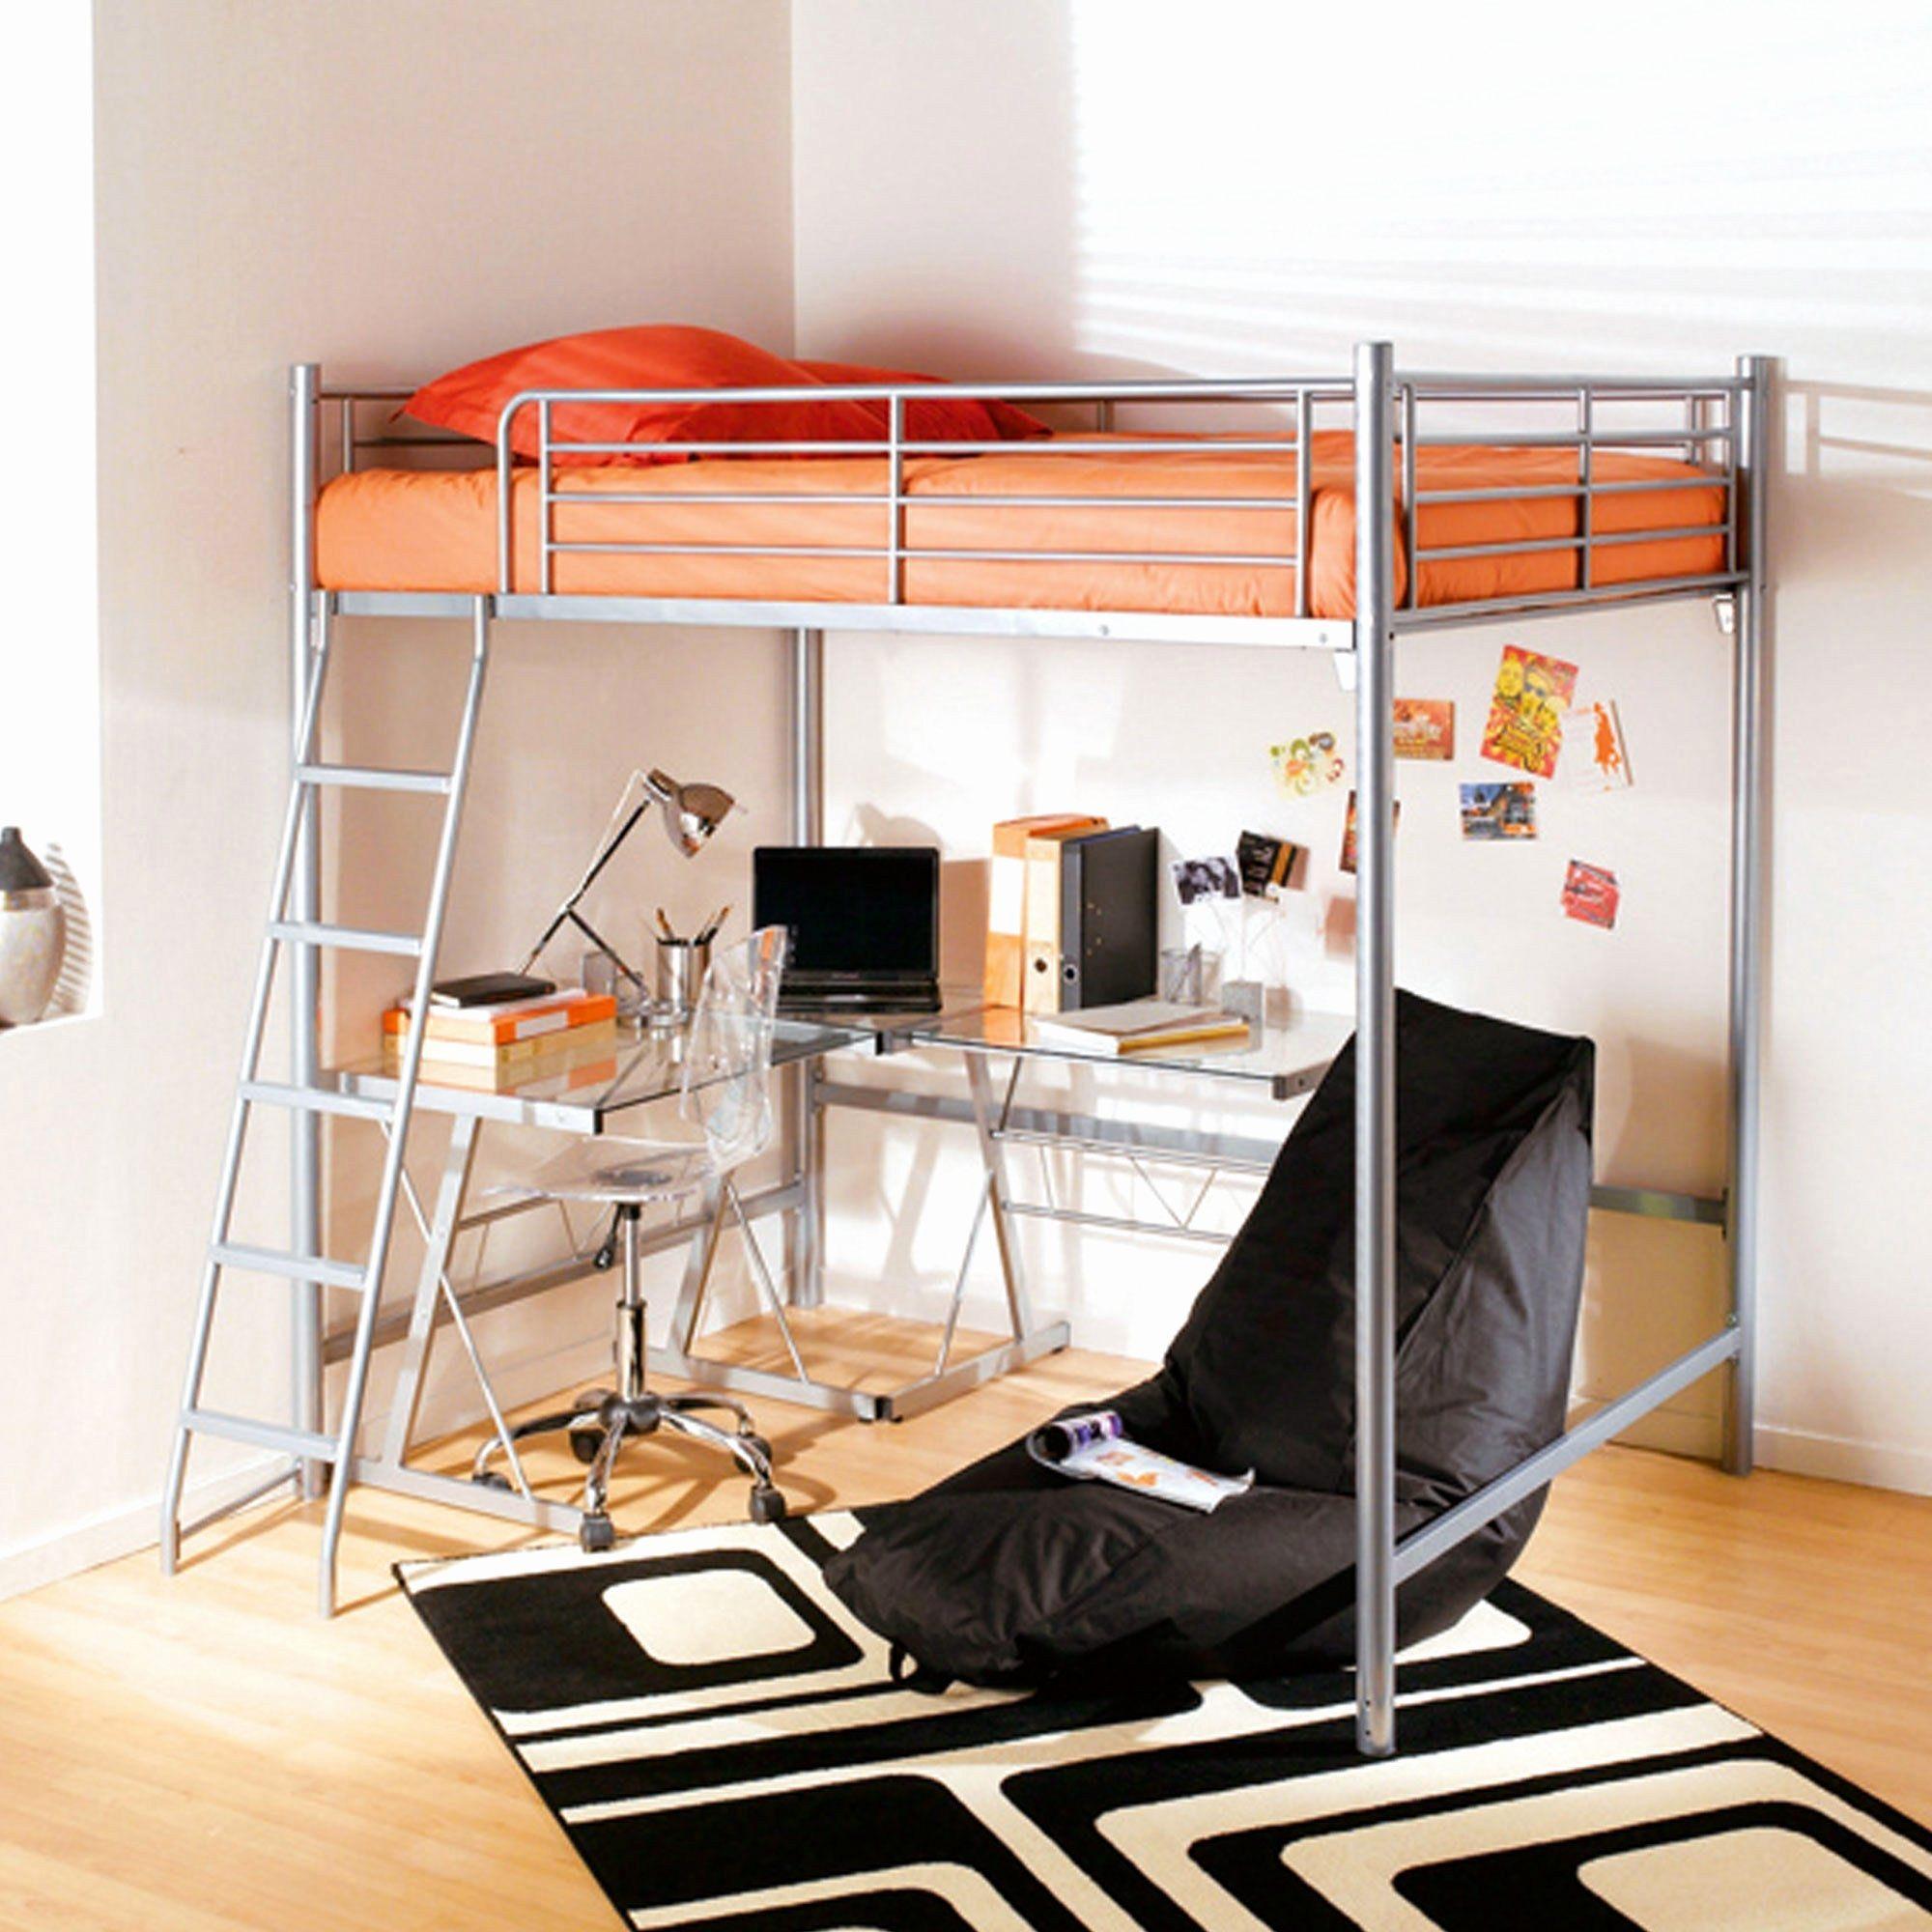 Lit Mezzanine Gris Magnifique Divan Lit Ikea Meilleur De Lit Mezzanine 3 Places Ikea Sypialnia Zdj